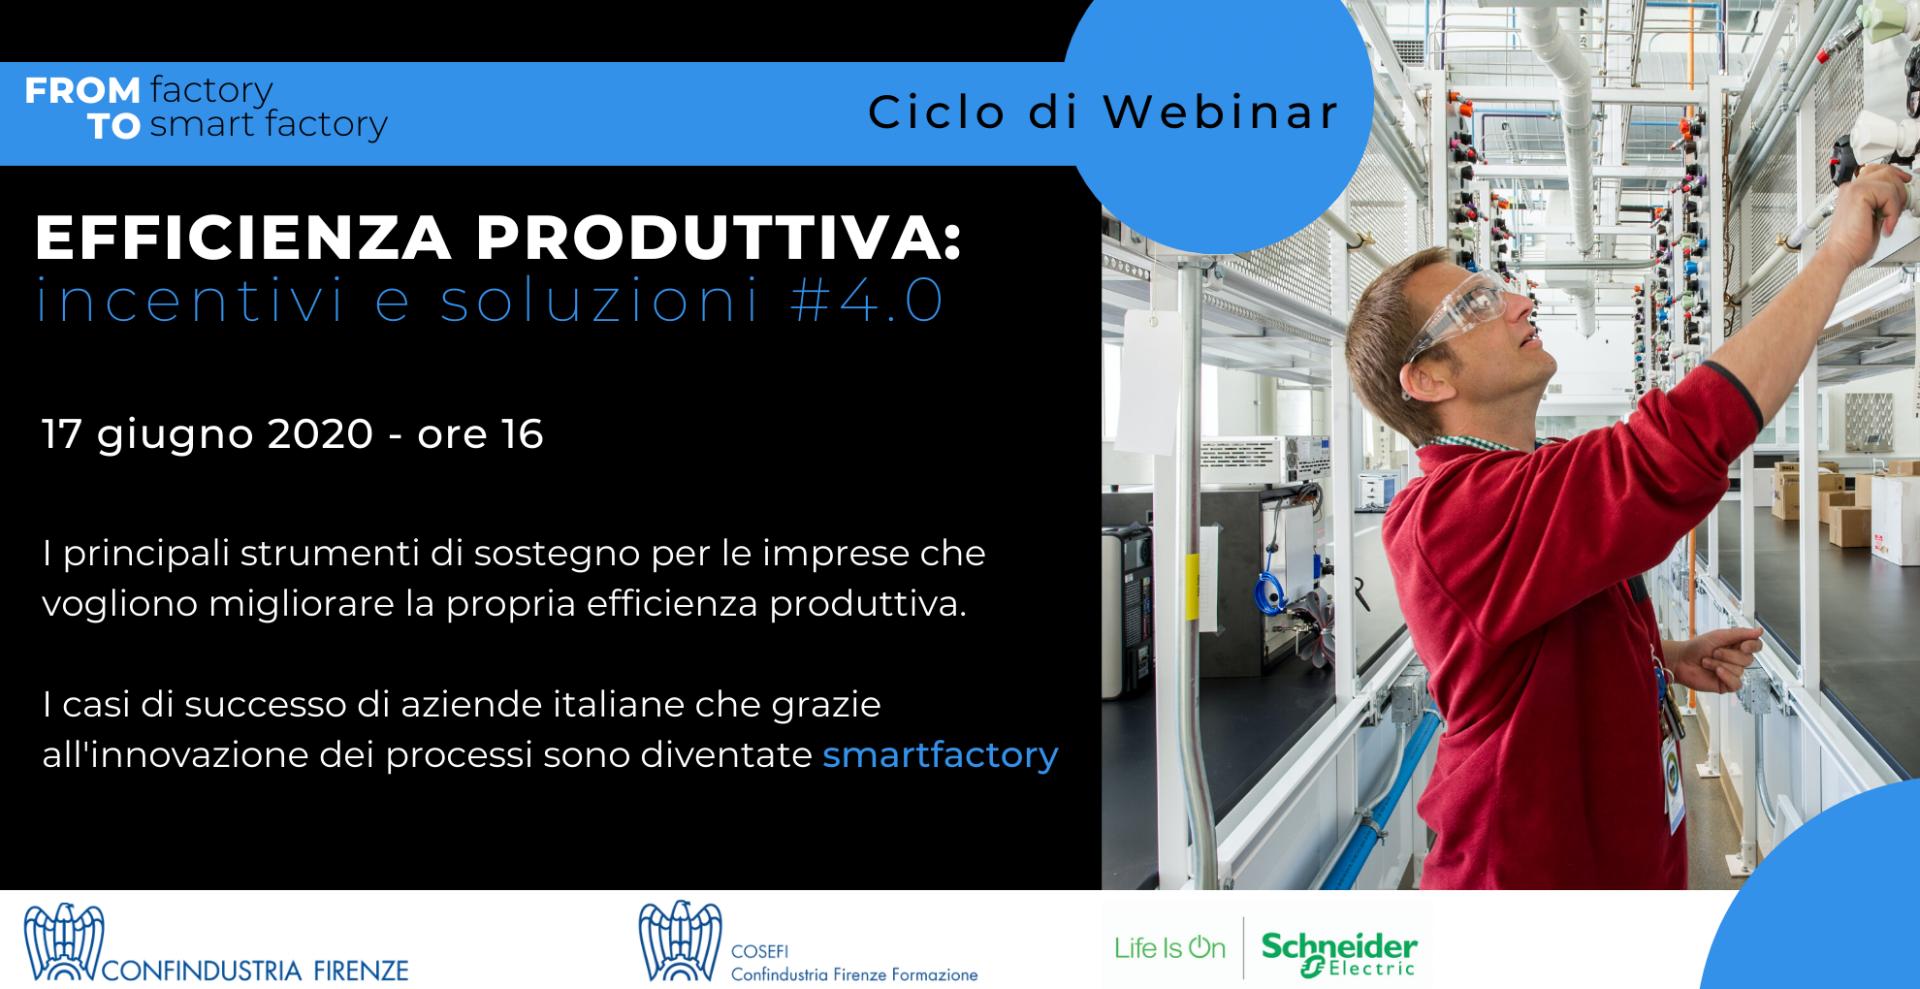 Efficienza Produttiva: incentivi e soluzioni #4.0